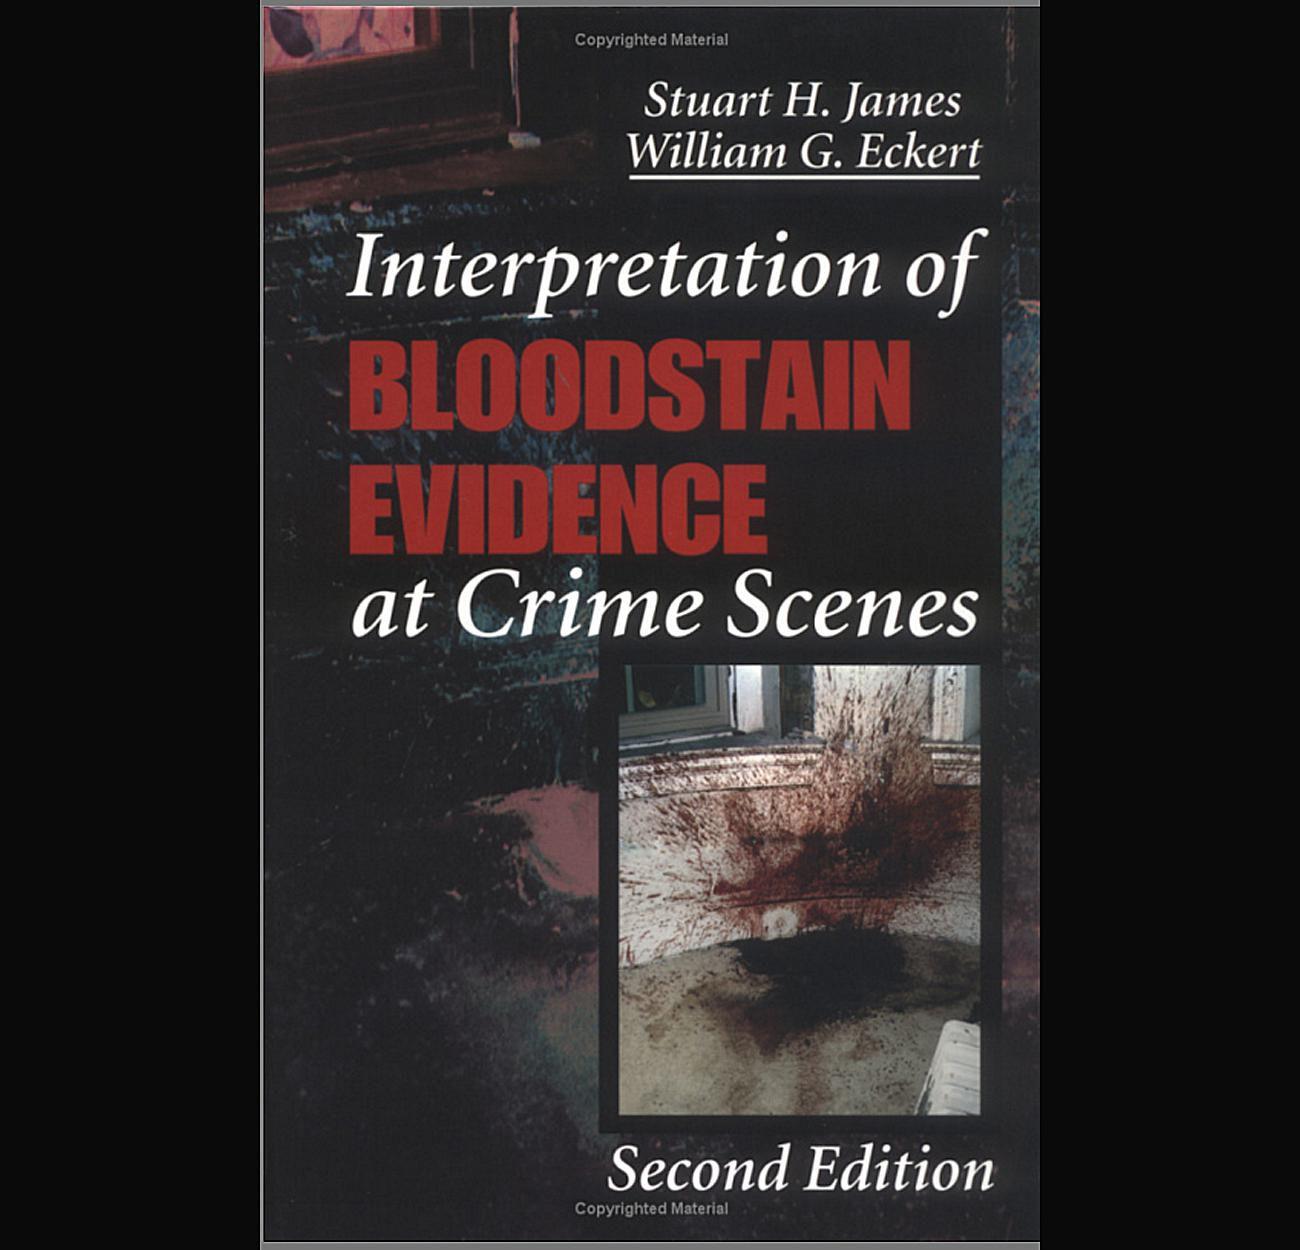 Ερμηνεία των αποδεικτικών στοιχείων από αιματοχυσία σε εγκλήματα